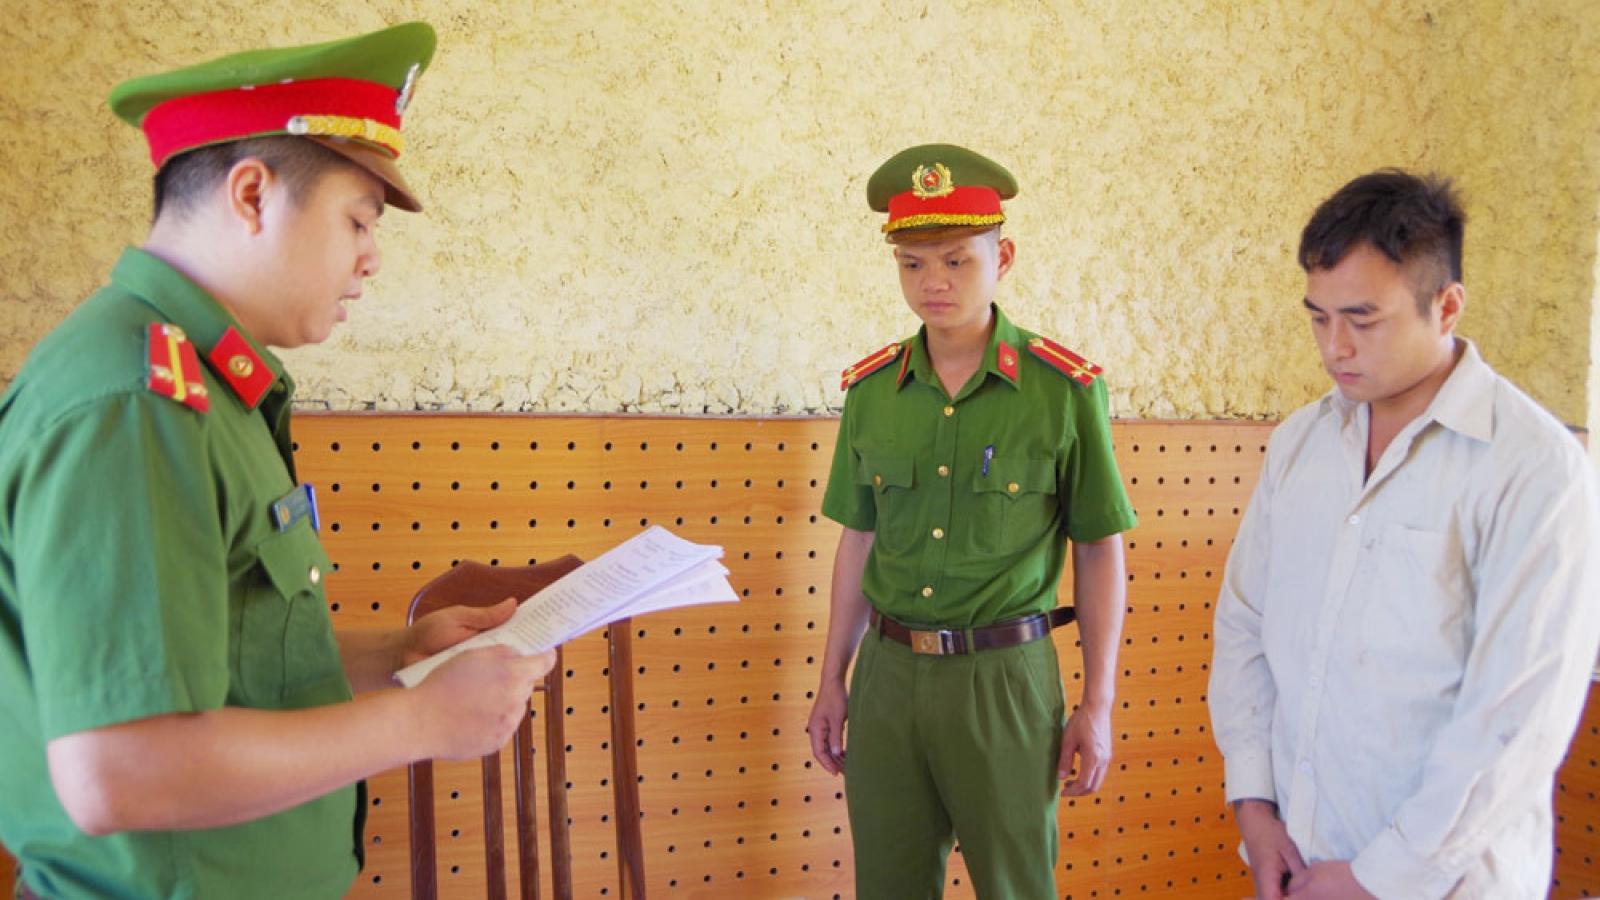 Hà Giang: Chủ nợ bị con nợ đánh chết